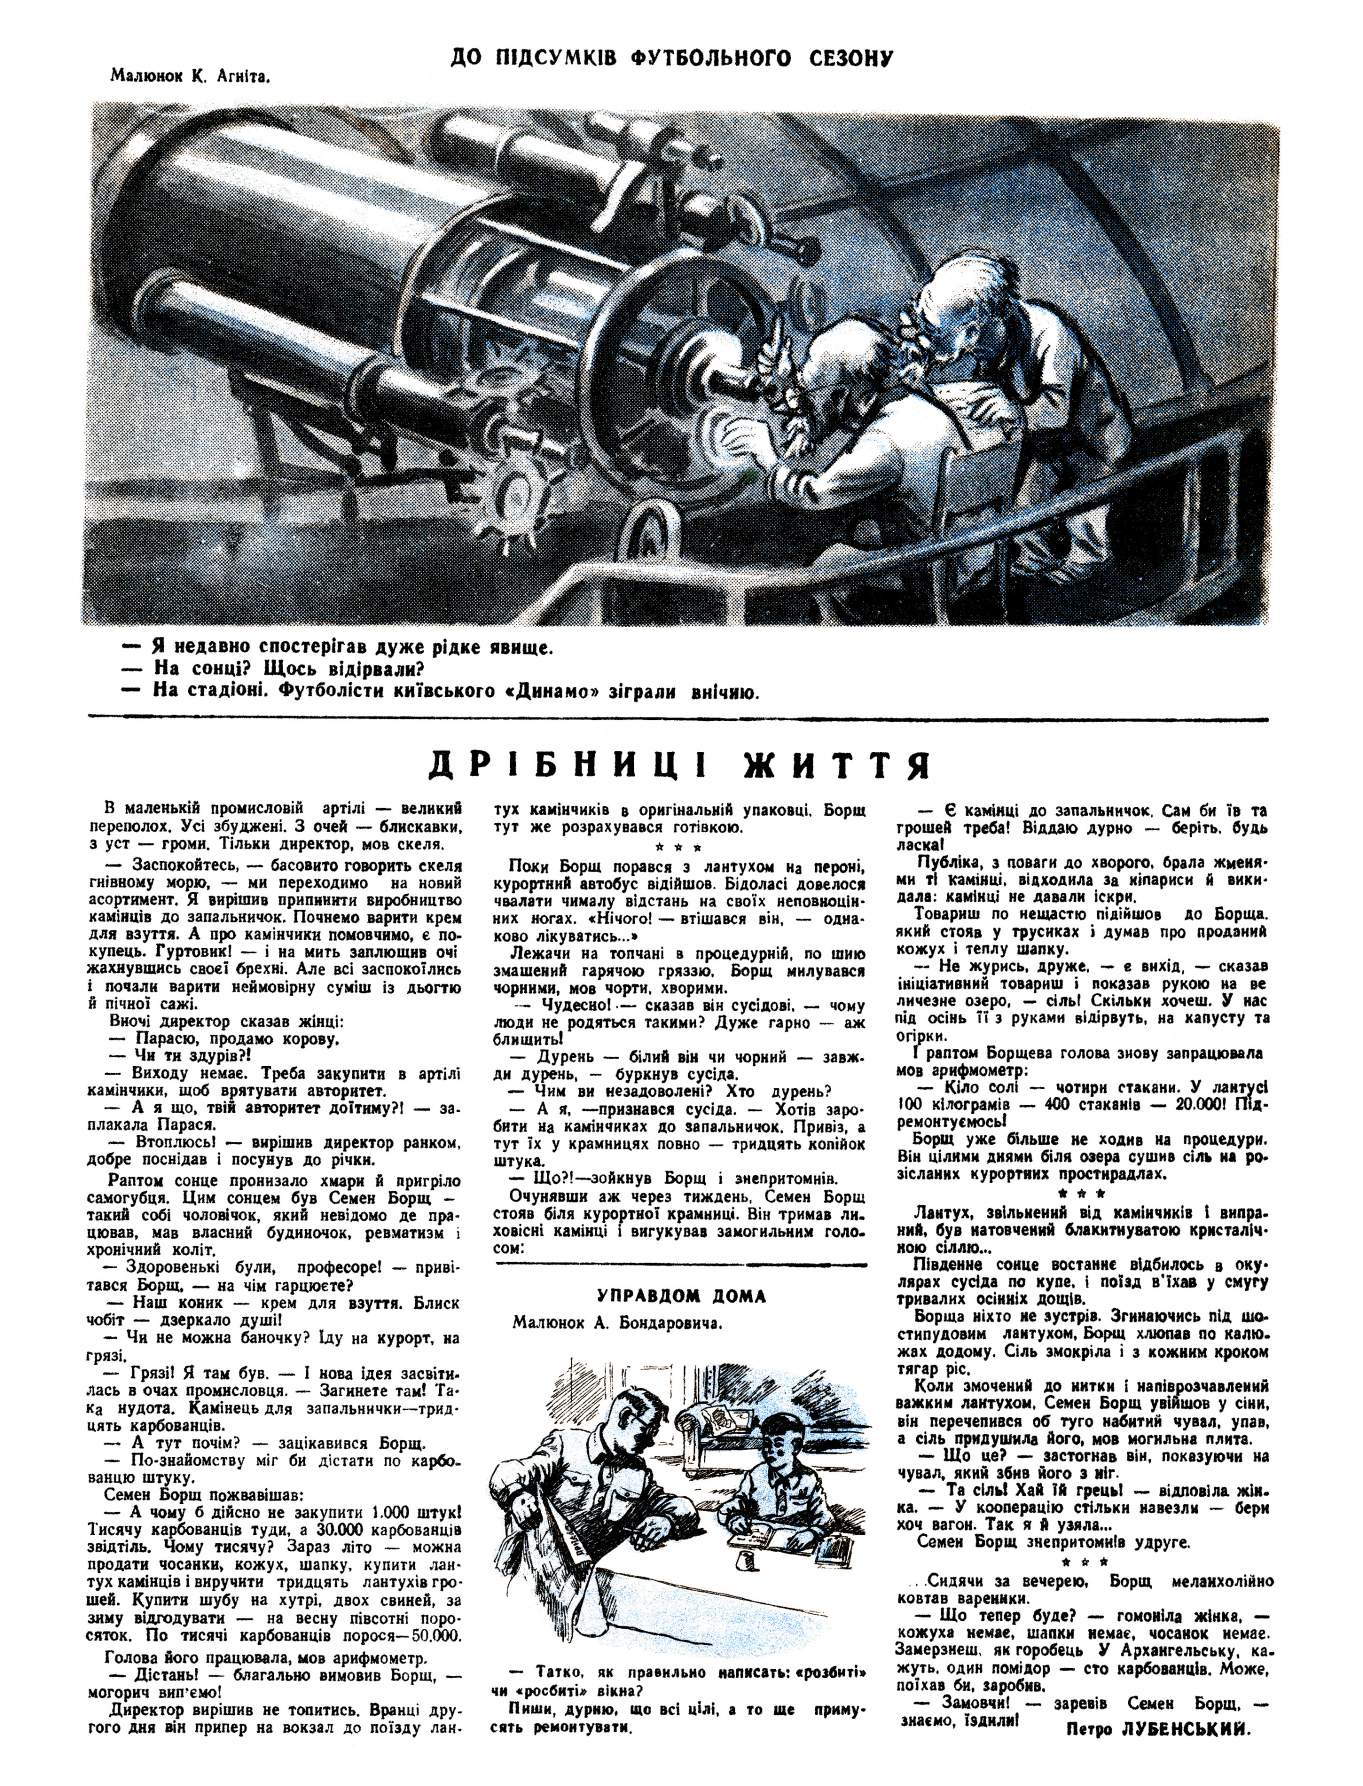 Журнал перець 1945 №17-18